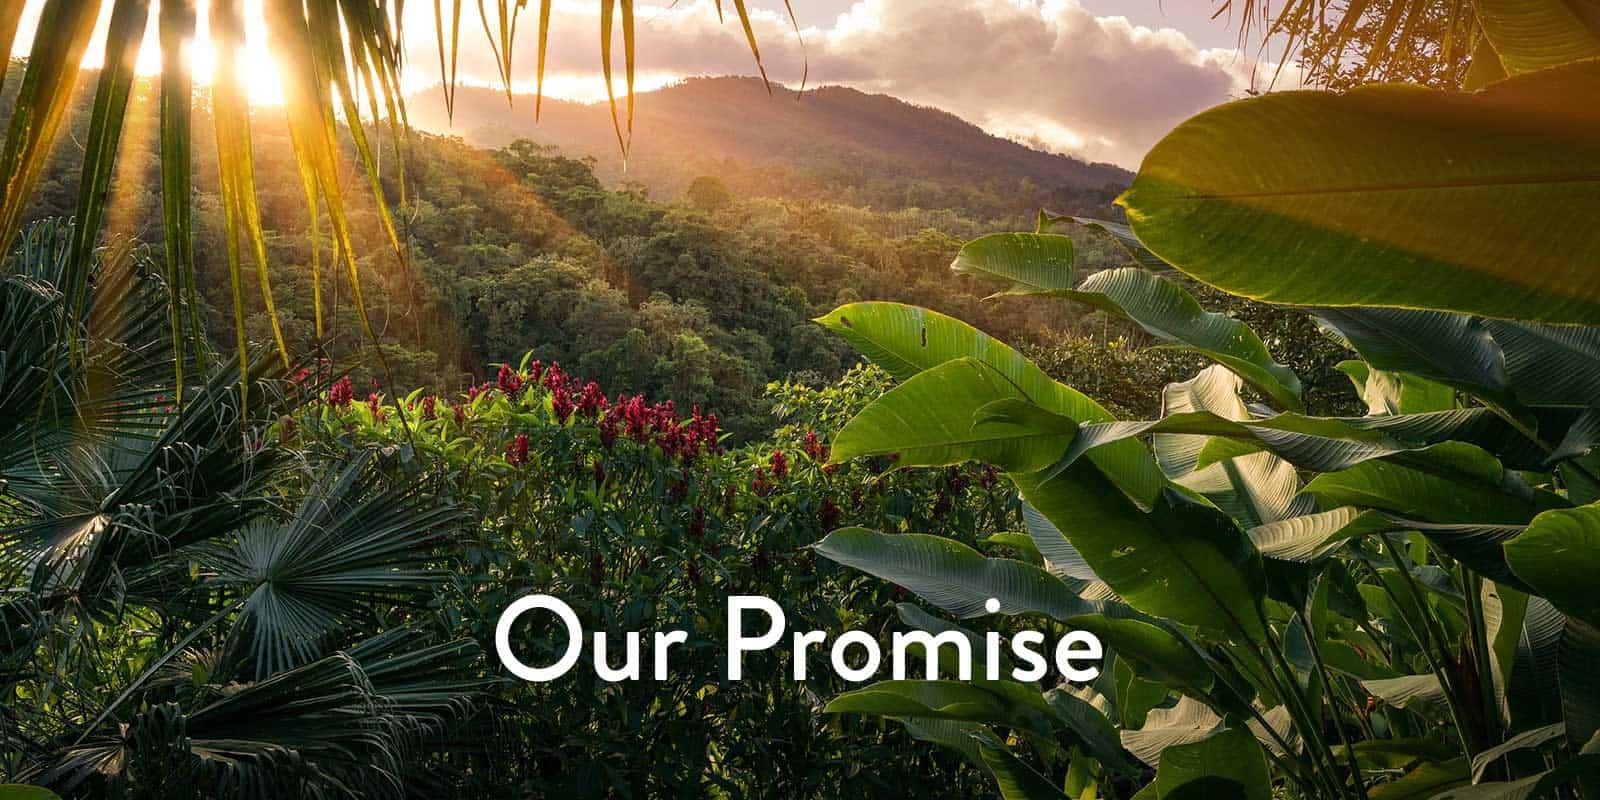 TEADORA CBD Coupons Promise We Do